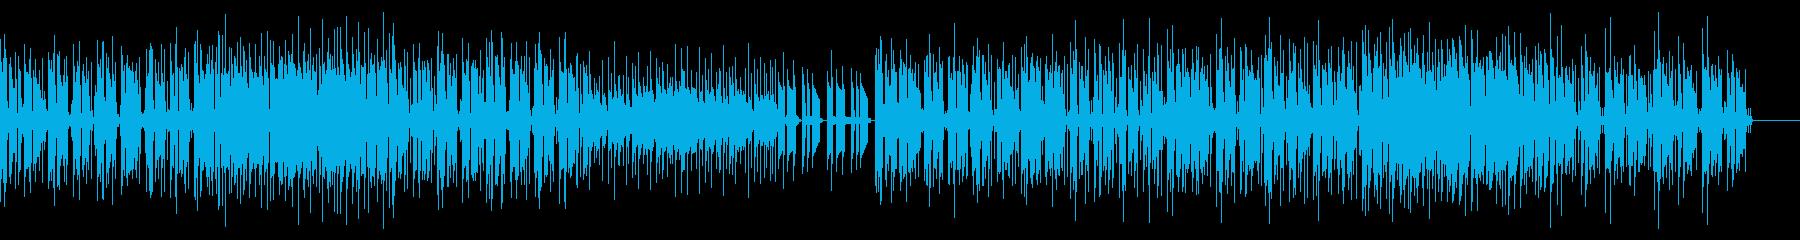 疾走感のあるアメリカンポップスの再生済みの波形